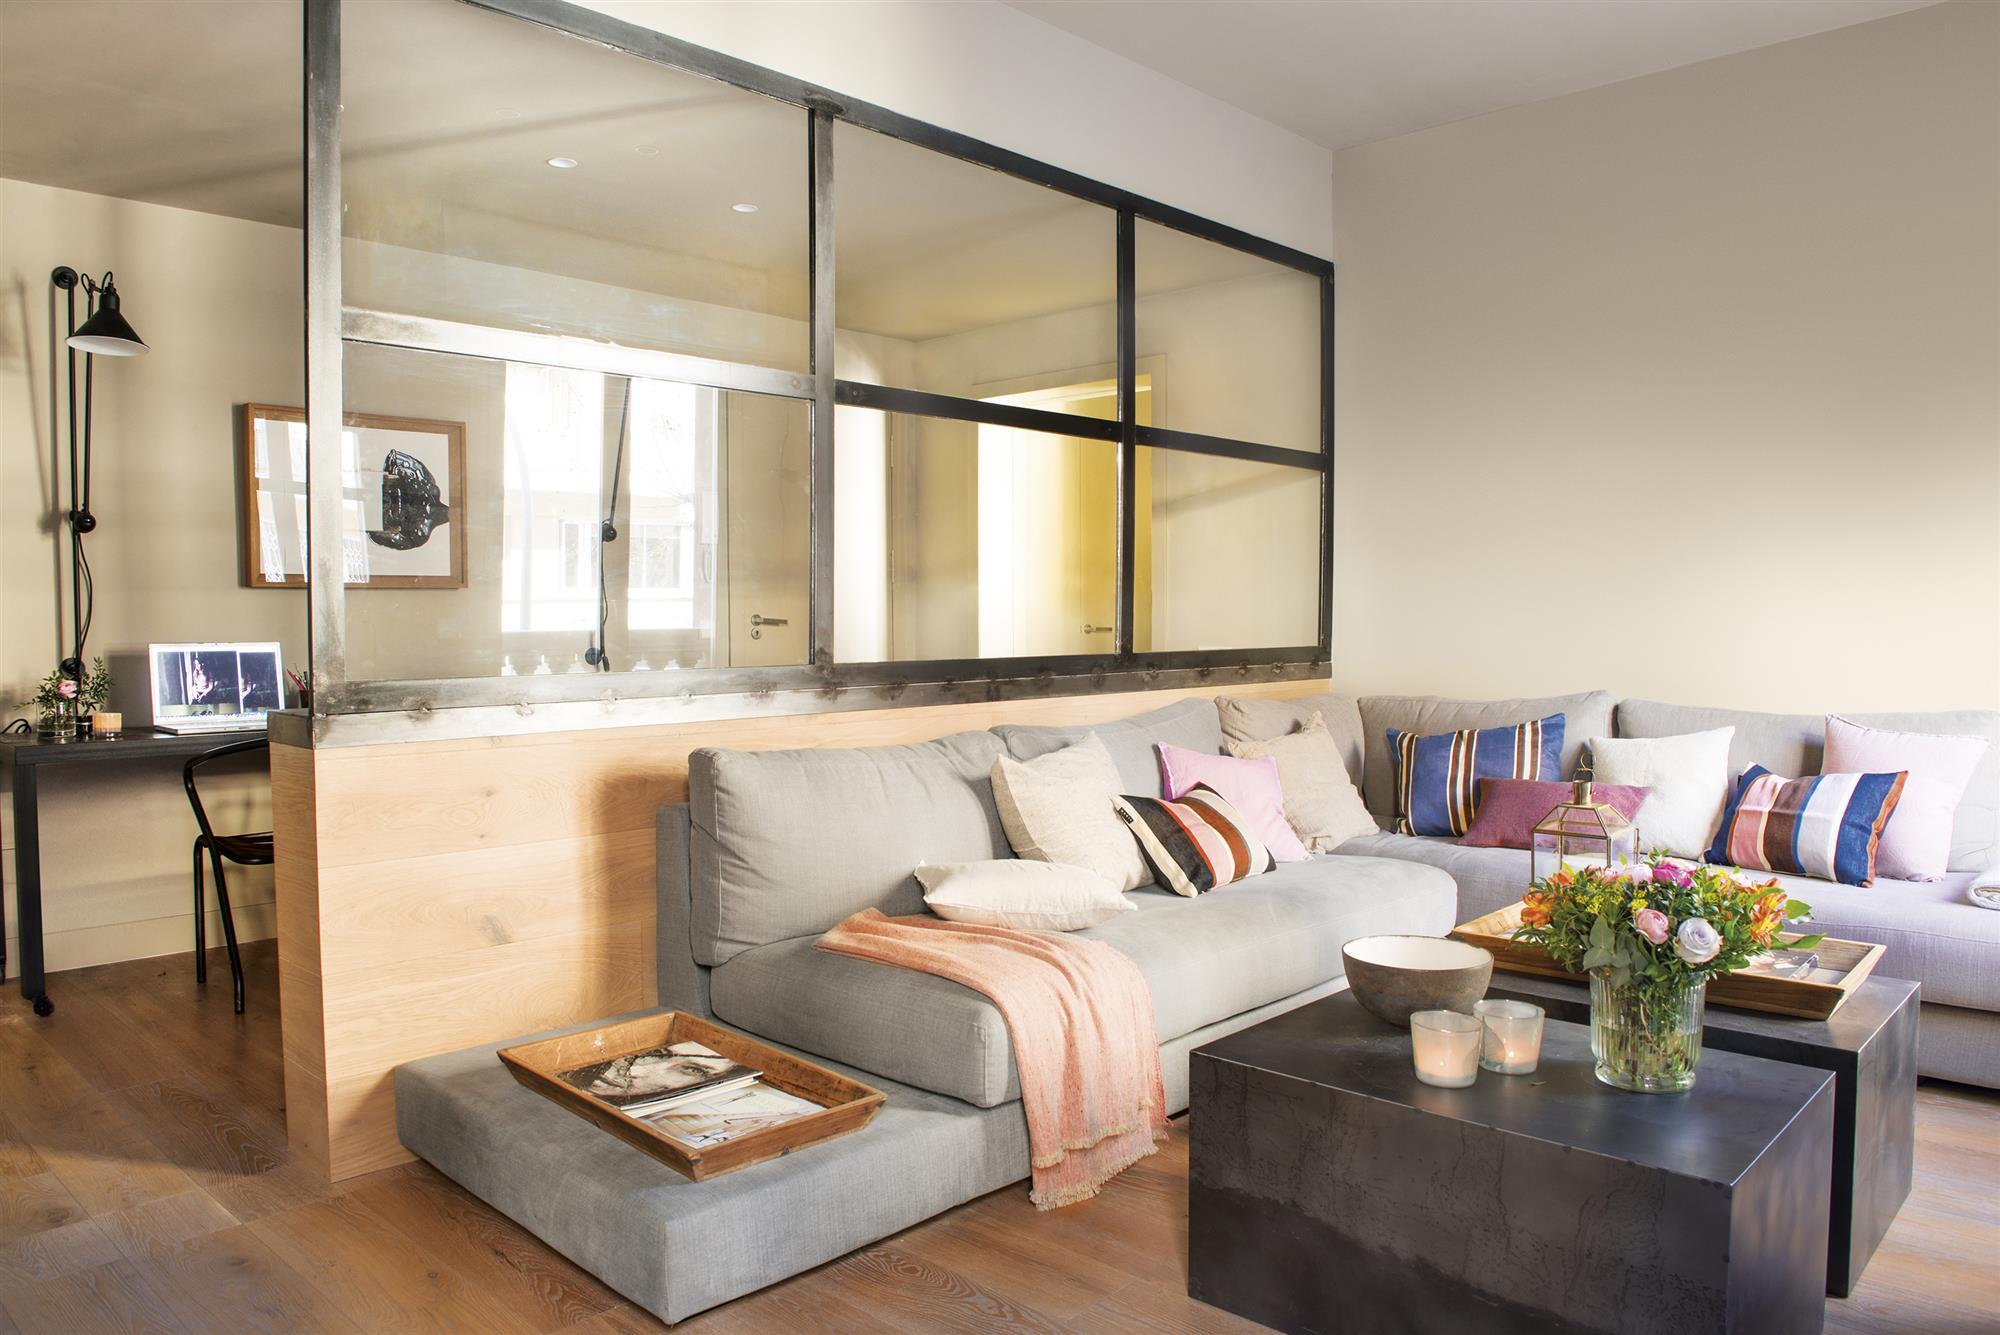 Un piso de 65 metros con buenas ideas - Butacas pequenas para salon ...